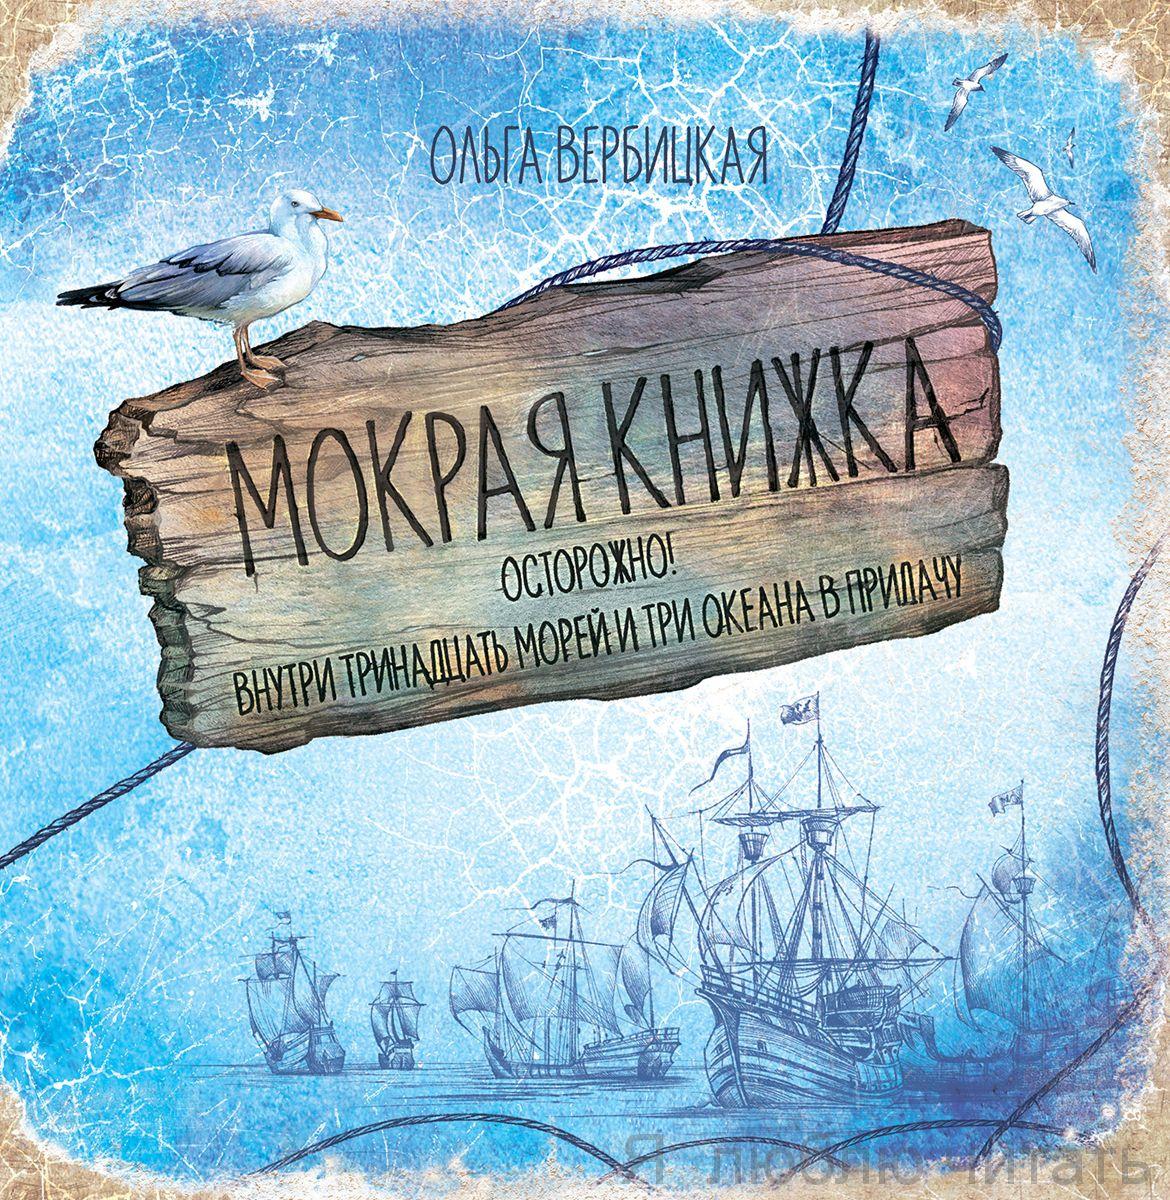 Мокрая книжка : Осторожно! Внутри тринадцать морей и три океана в придачу